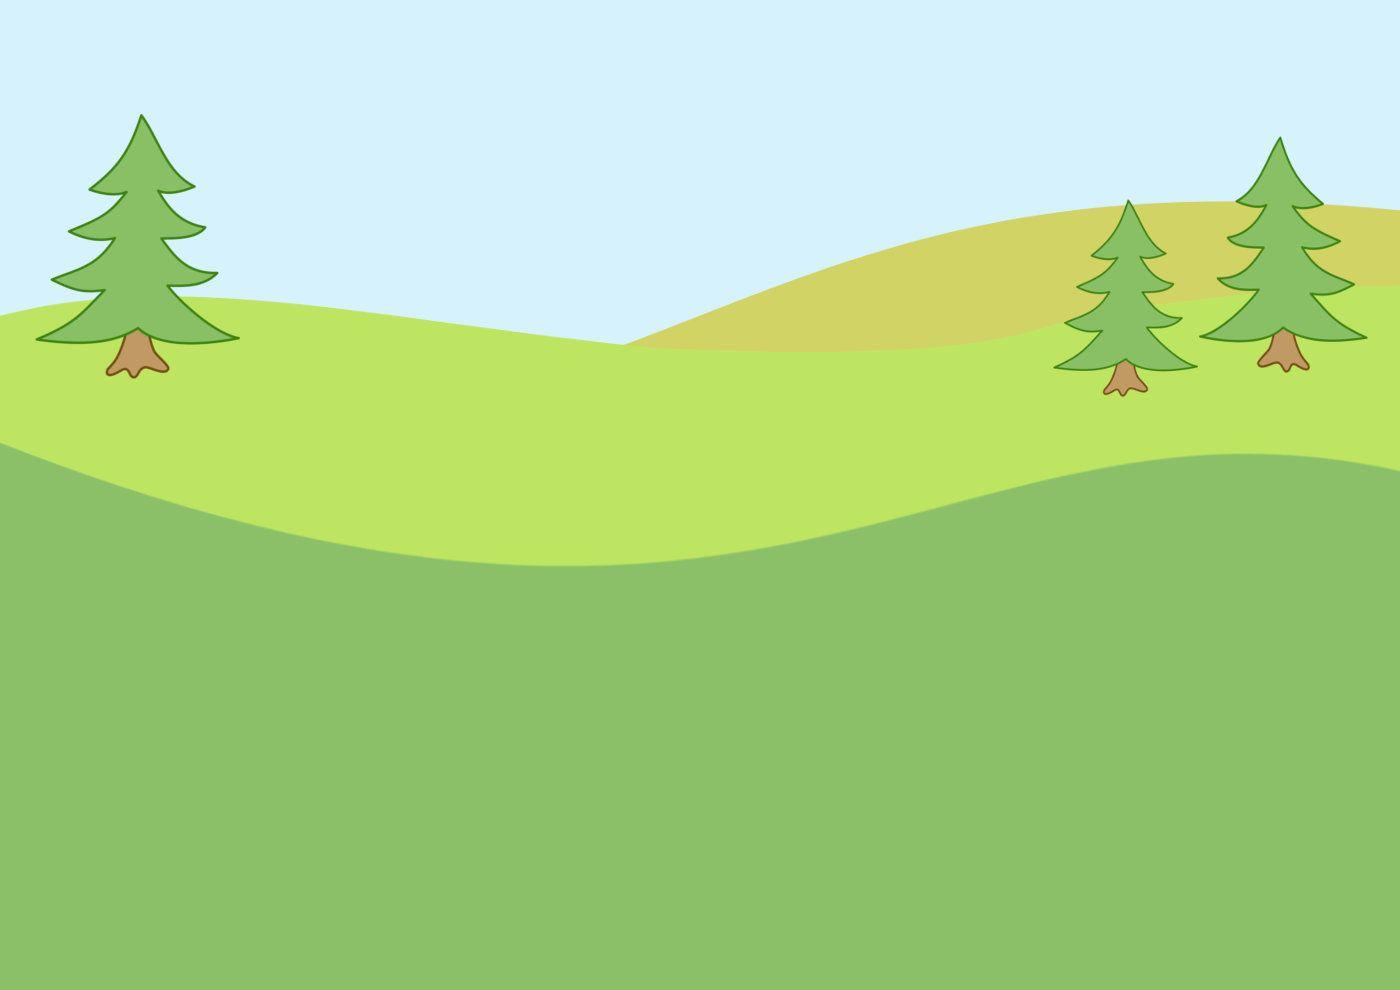 картинка для аппликации лес ним становлюсь такой